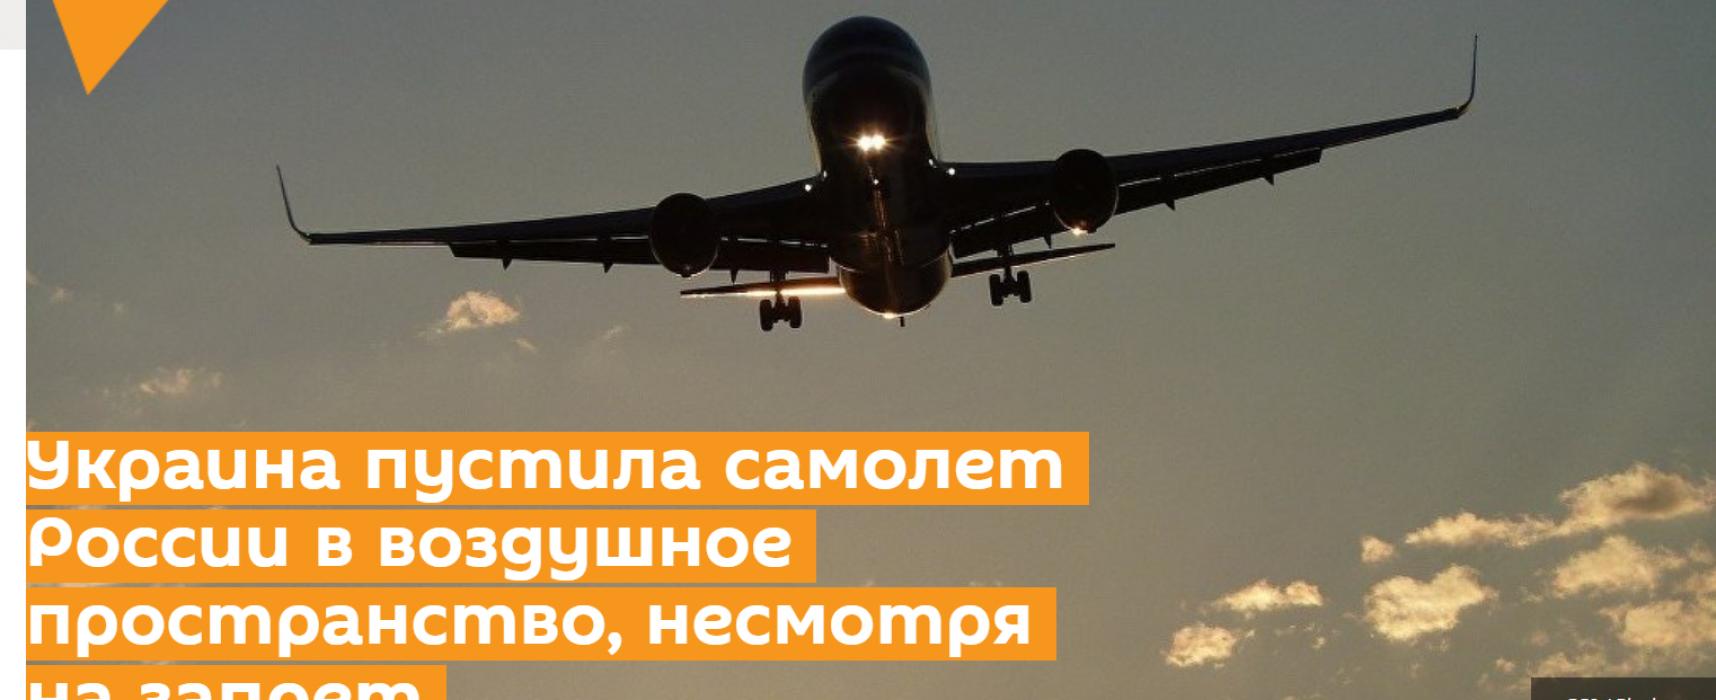 Fake: Ukrajina otevřela svůj vzdušný prostor pro ruská letadla